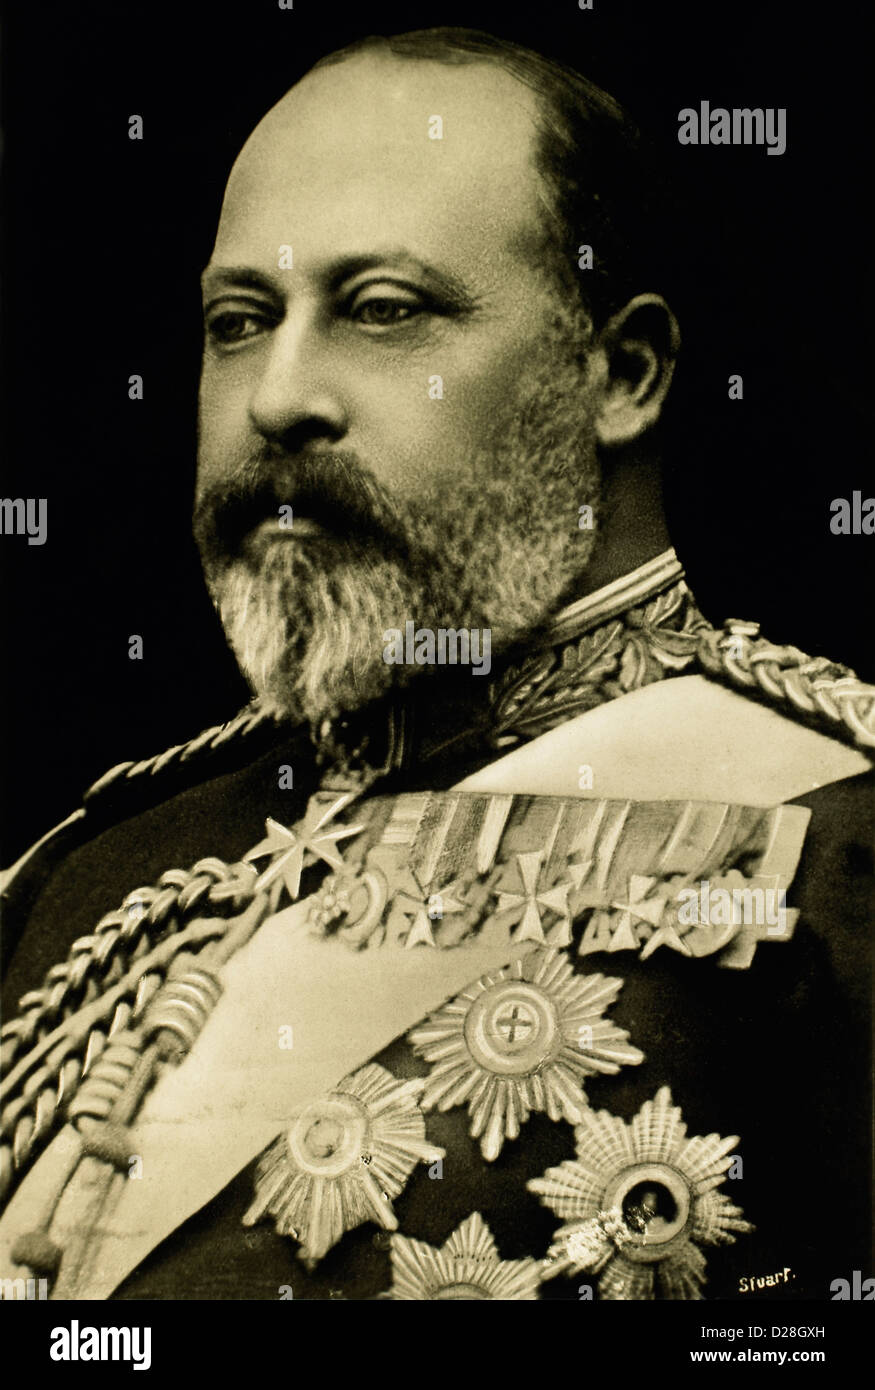 Edward VII (1841-1910) King of England 1901-10, portrait, 1901 - Stock Image